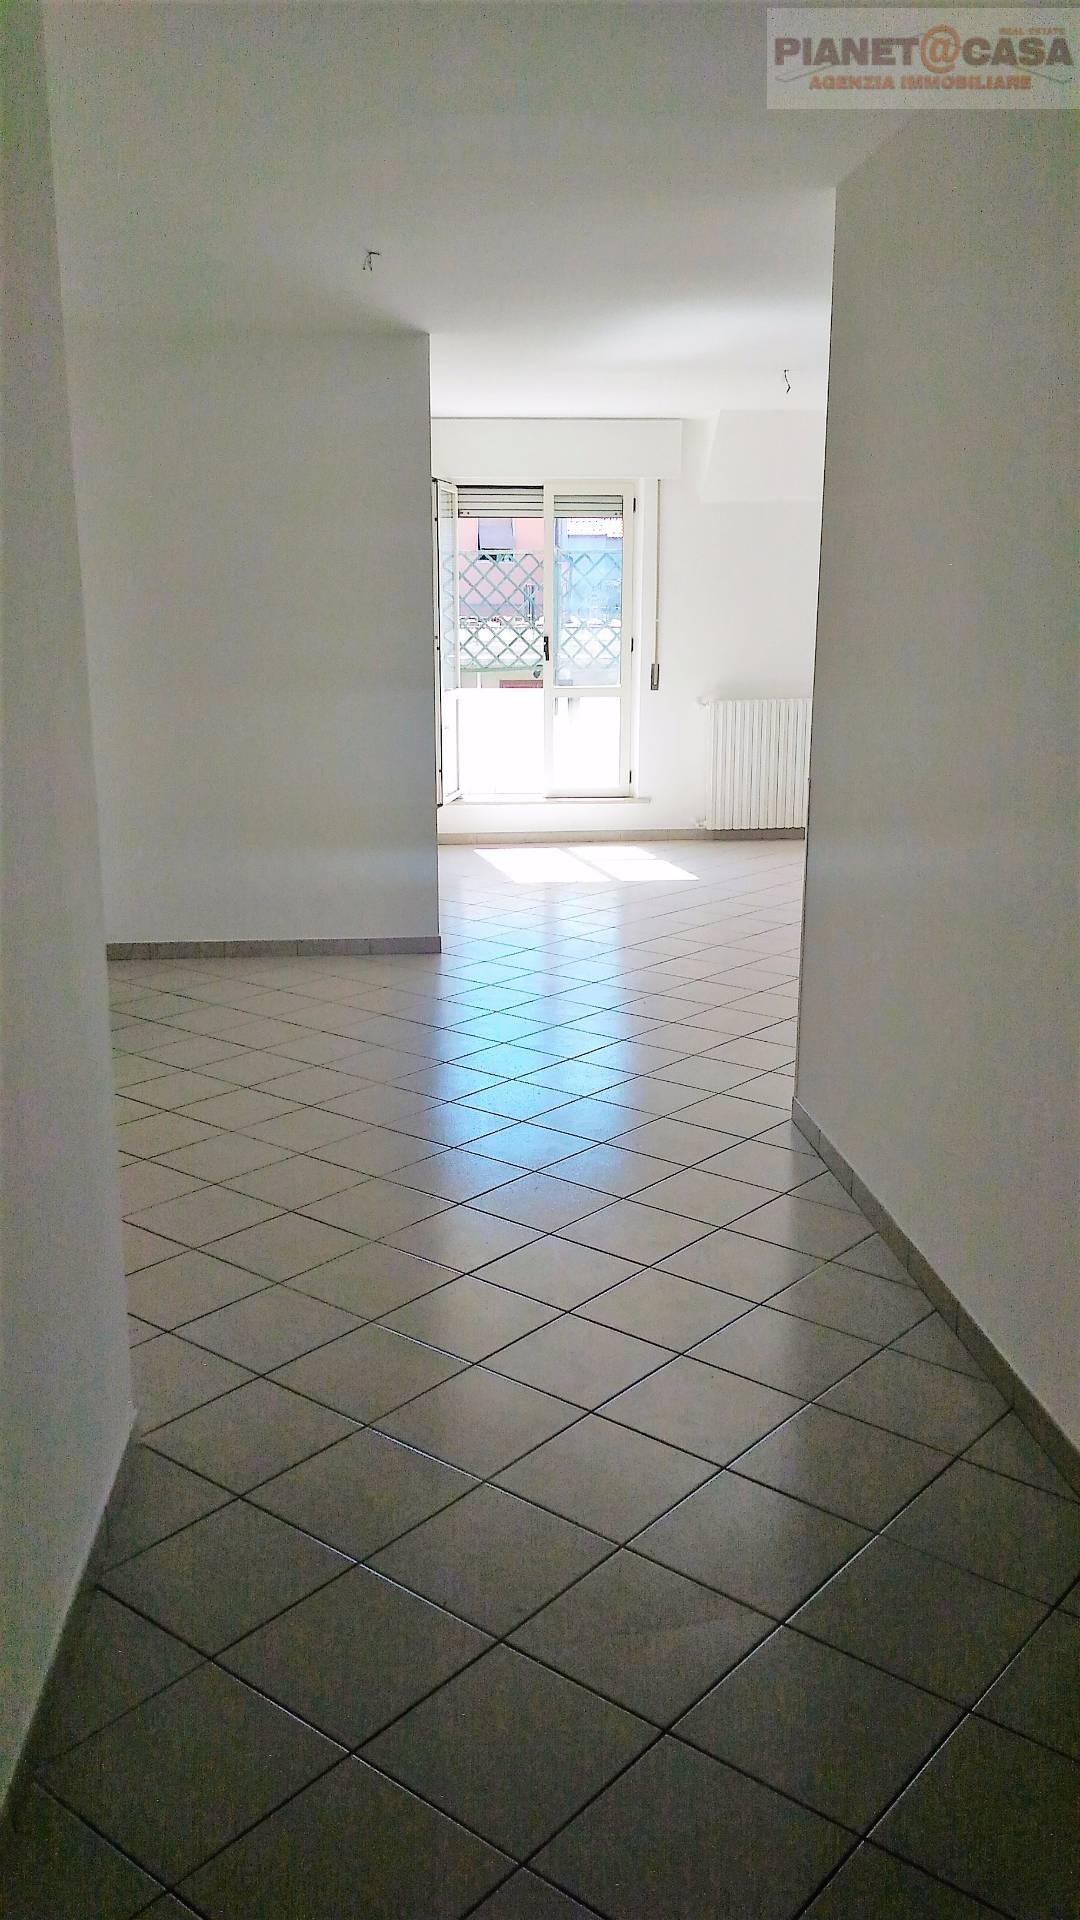 Appartamento in affitto a San Benedetto del Tronto, 5 locali, zona Località: PORTODASCOLI, prezzo € 600 | CambioCasa.it